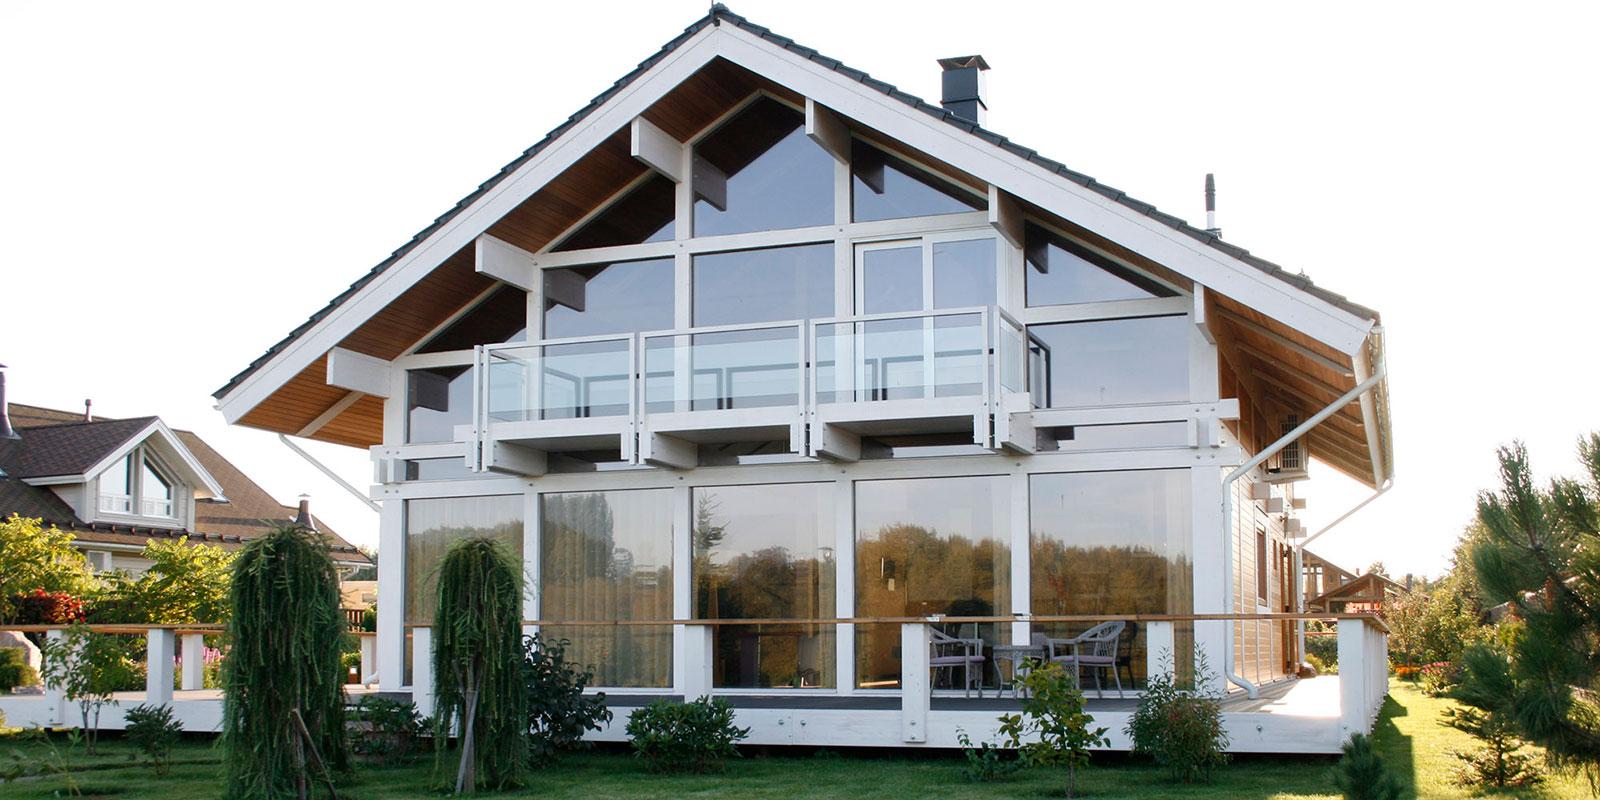 Проект фахверк, проектирование фахверк и фахверковый дом